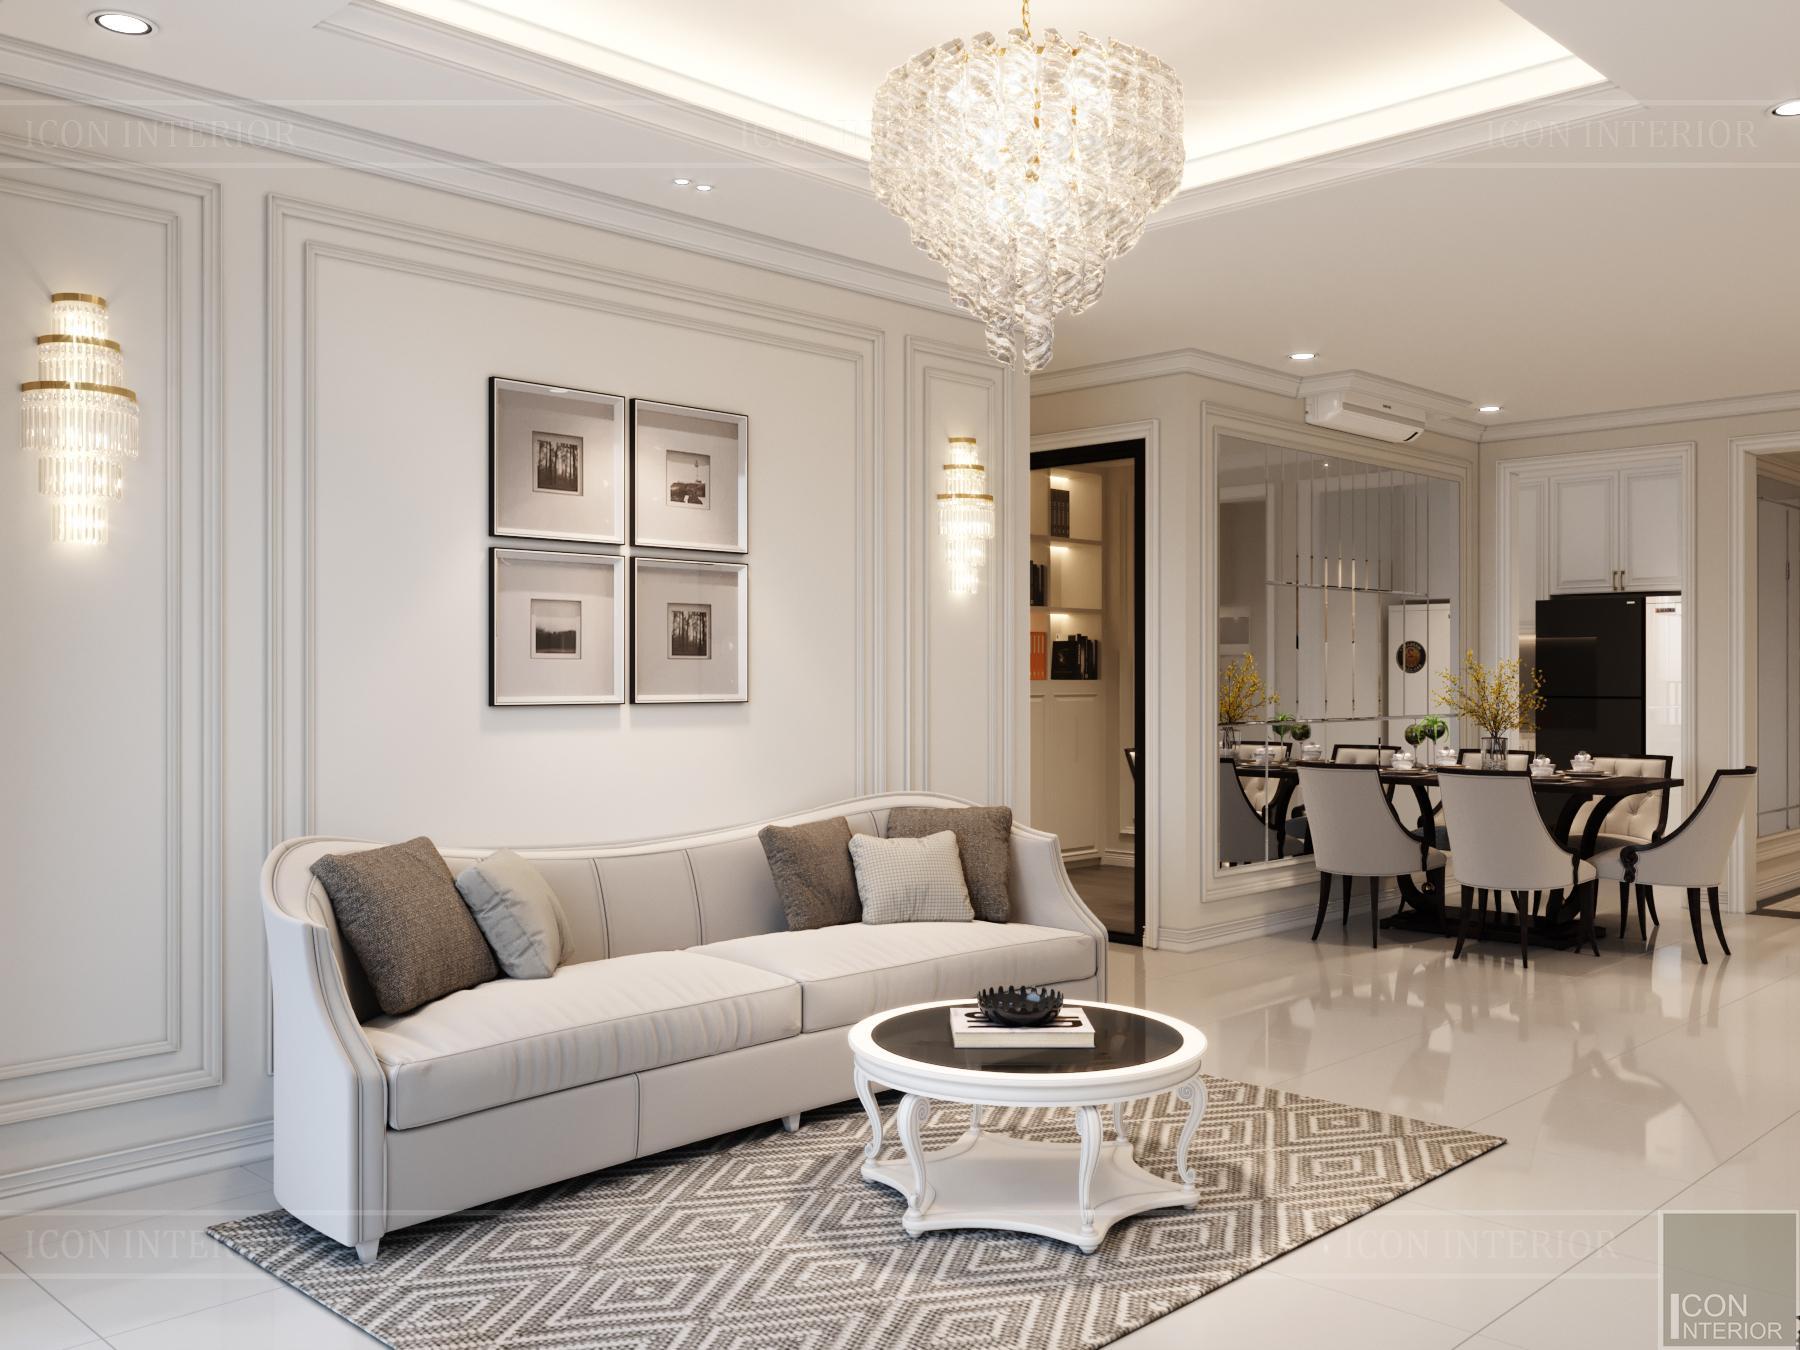 thiết kế nội thất hado centrosa - phòng khách - bếp